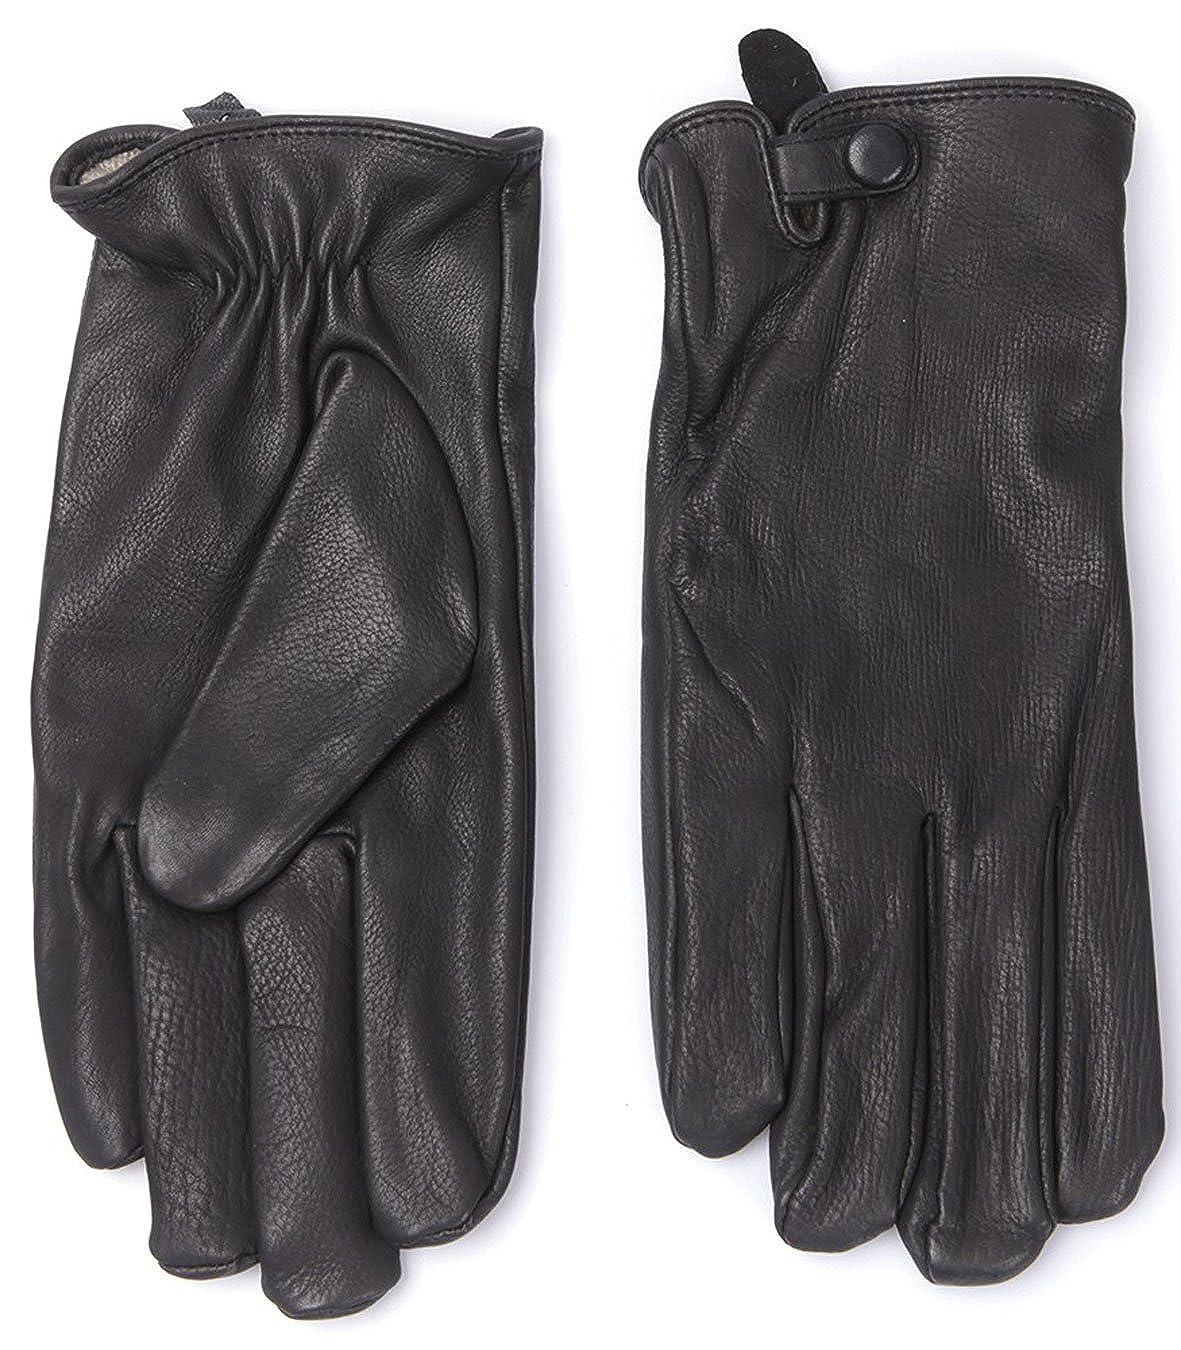 09ffaf18ff Lacoste Pour Homme Gants en cuir véritable noir rv4053 Doublure en cachemire  - Noir - Taille M/L: Amazon.fr: Vêtements et accessoires